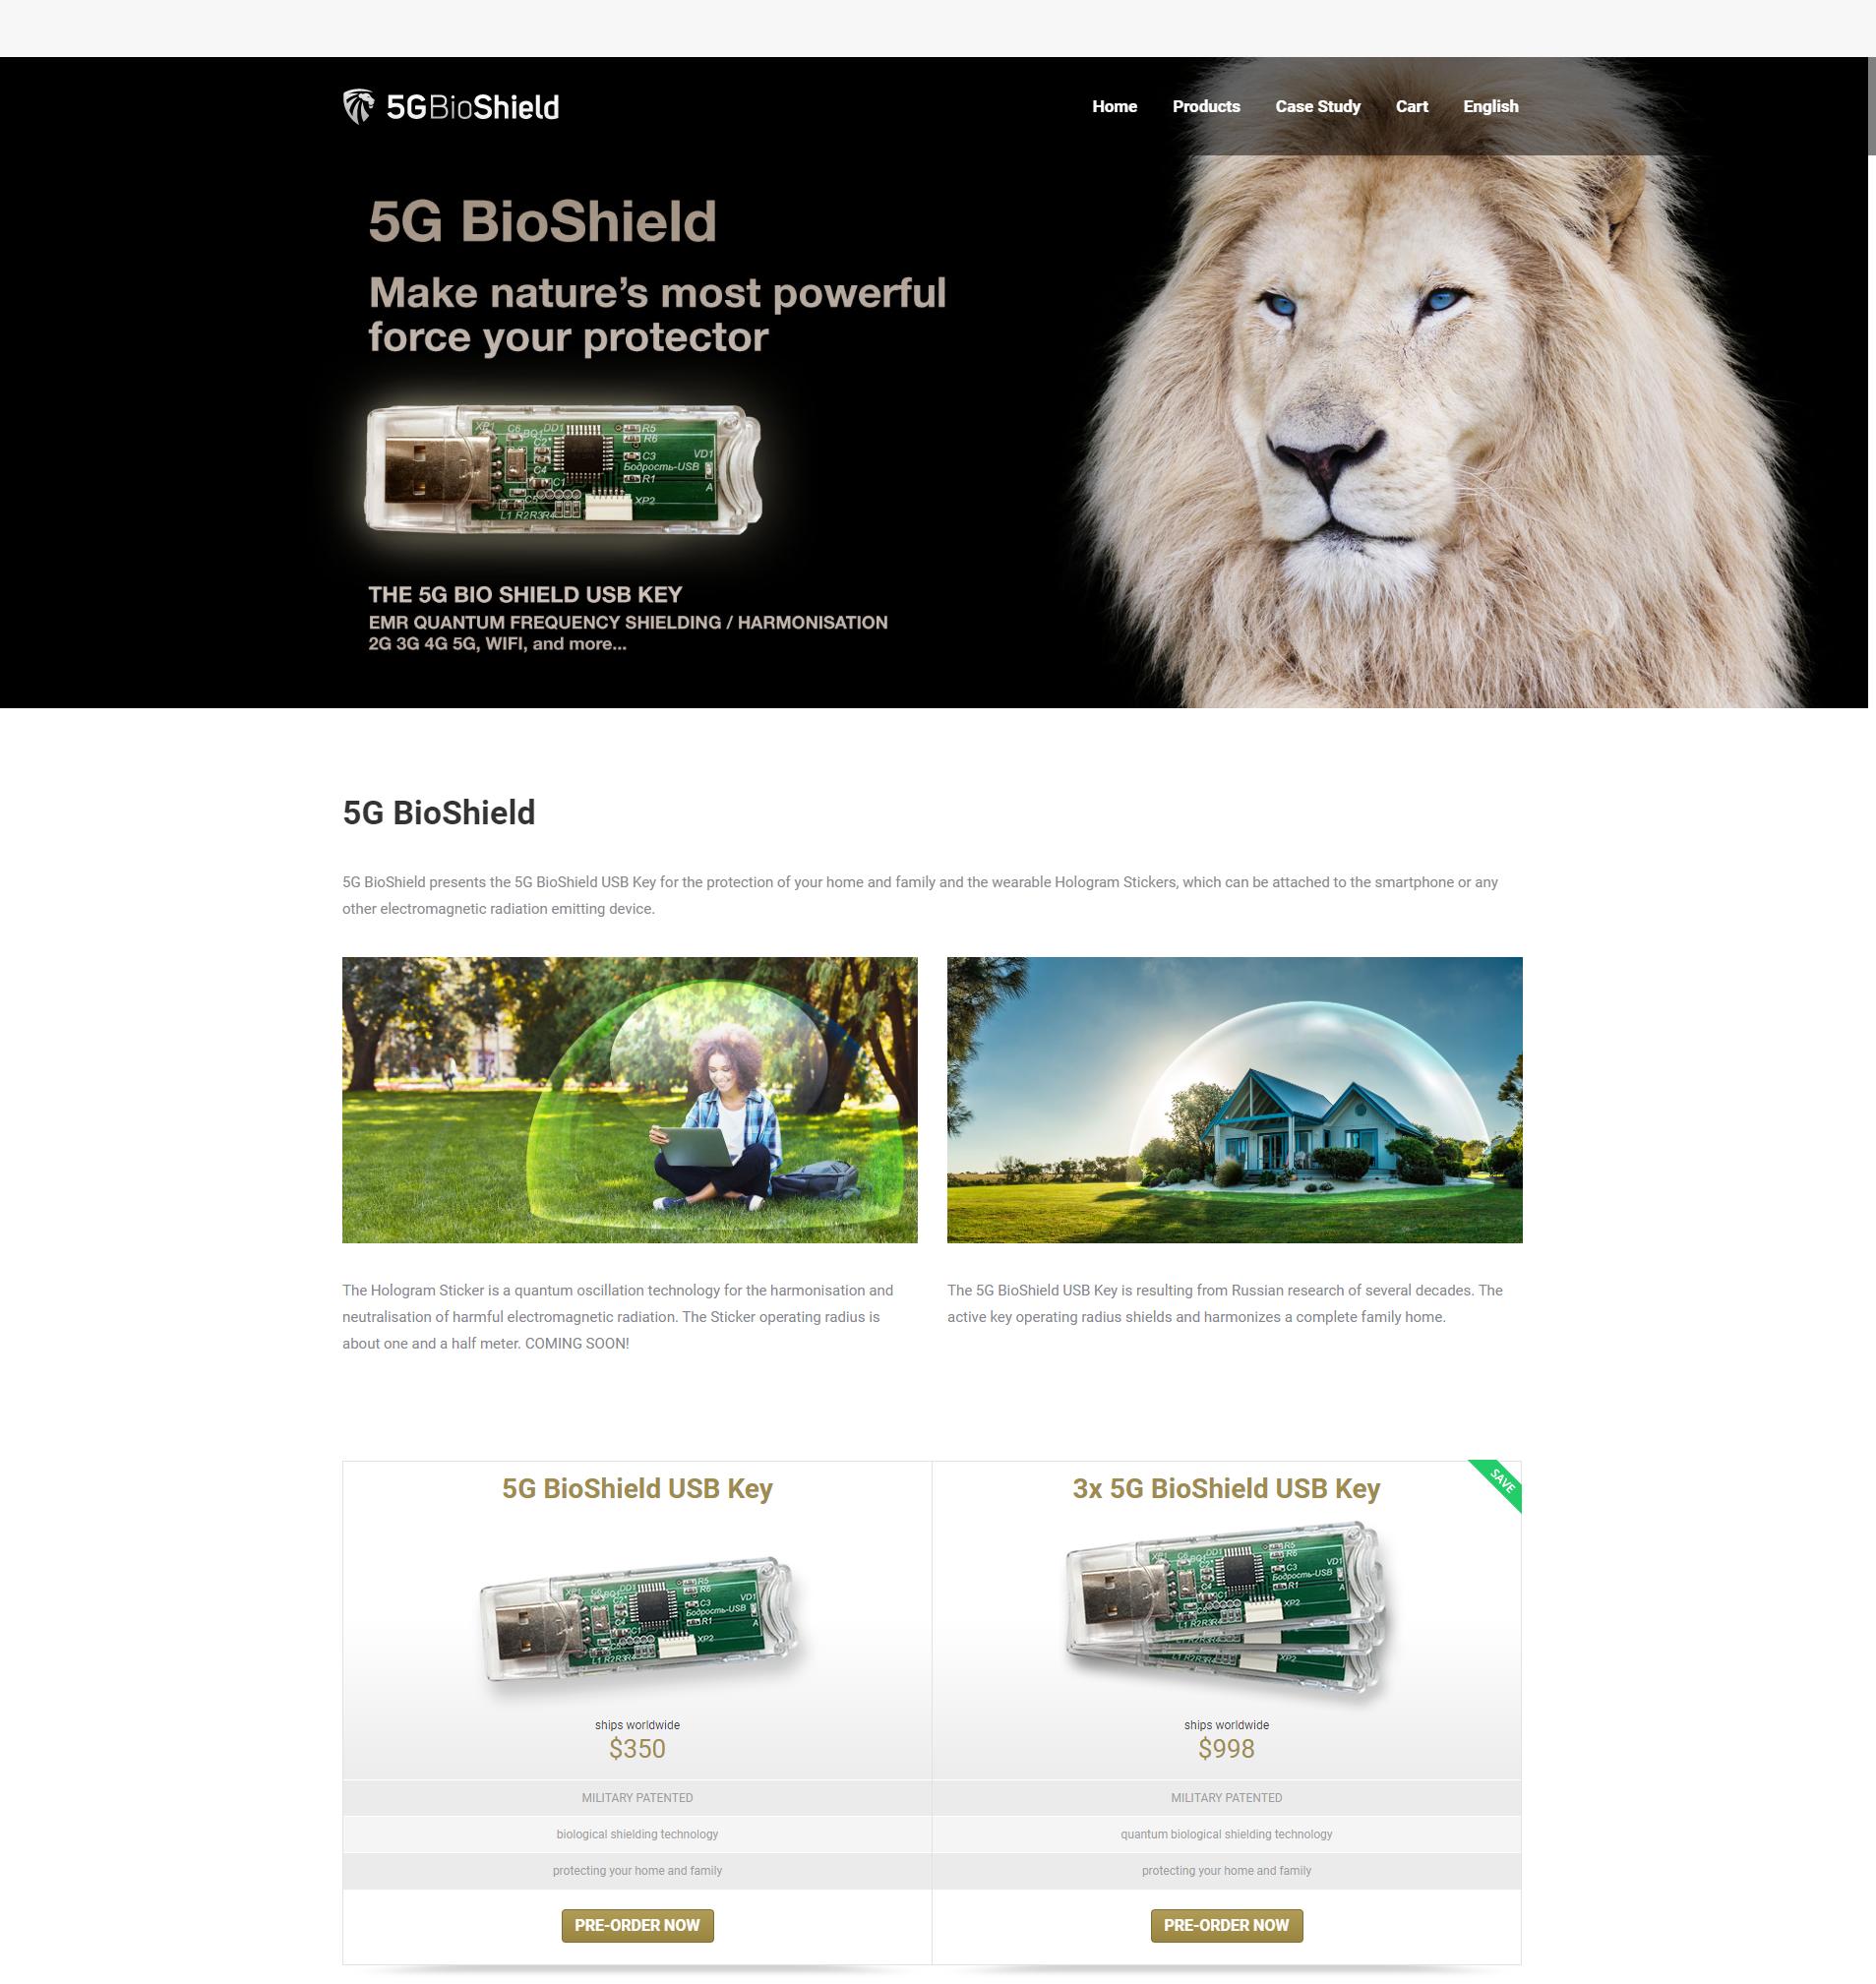 Strona oferująca 5gBioShield w październiku 2019 roku.